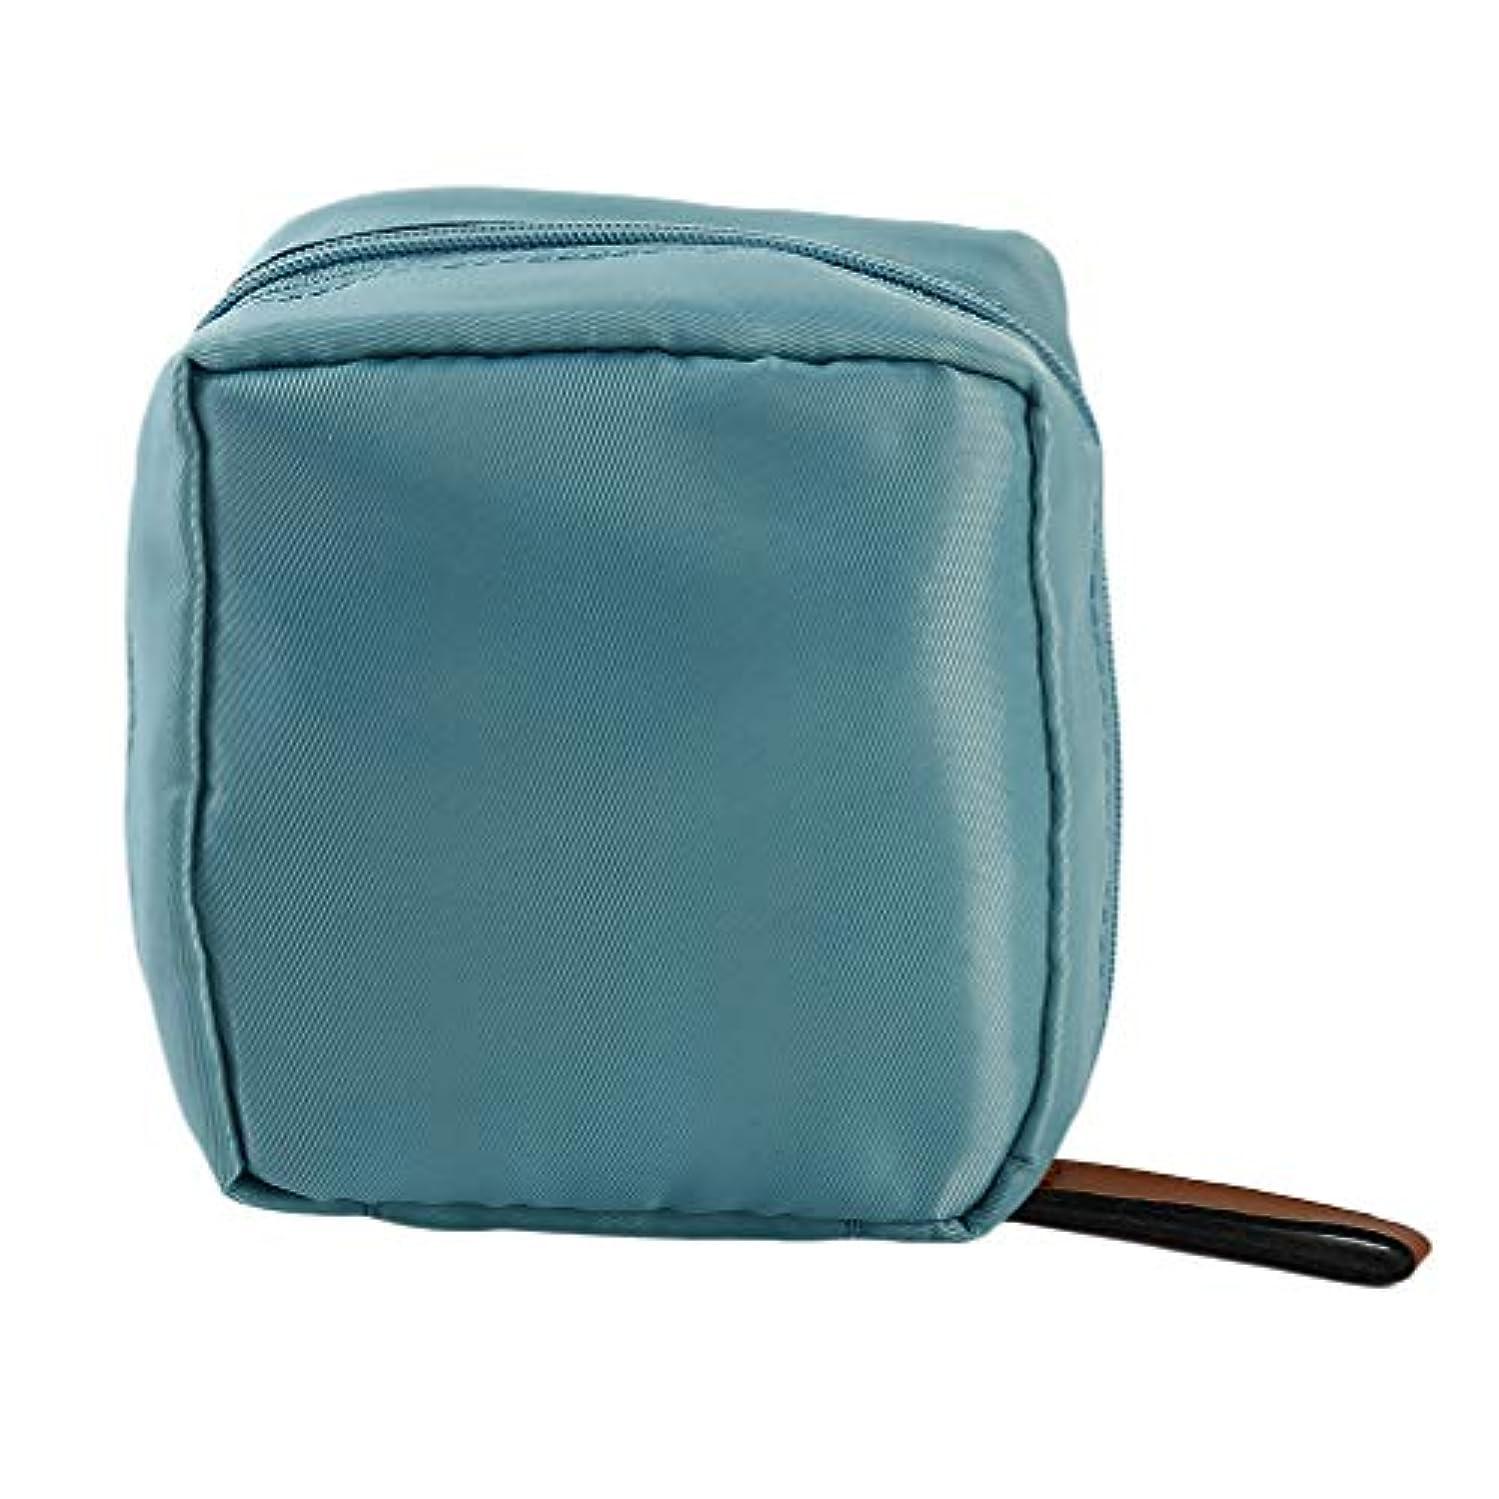 仕える当社青空の日差し 化粧ポーチ 収納ボックス トイレタリーバッグ ストライプ トラベルポーチ 化粧品 大容量 収納力抜群 旅行 出張 軽量 ブルー